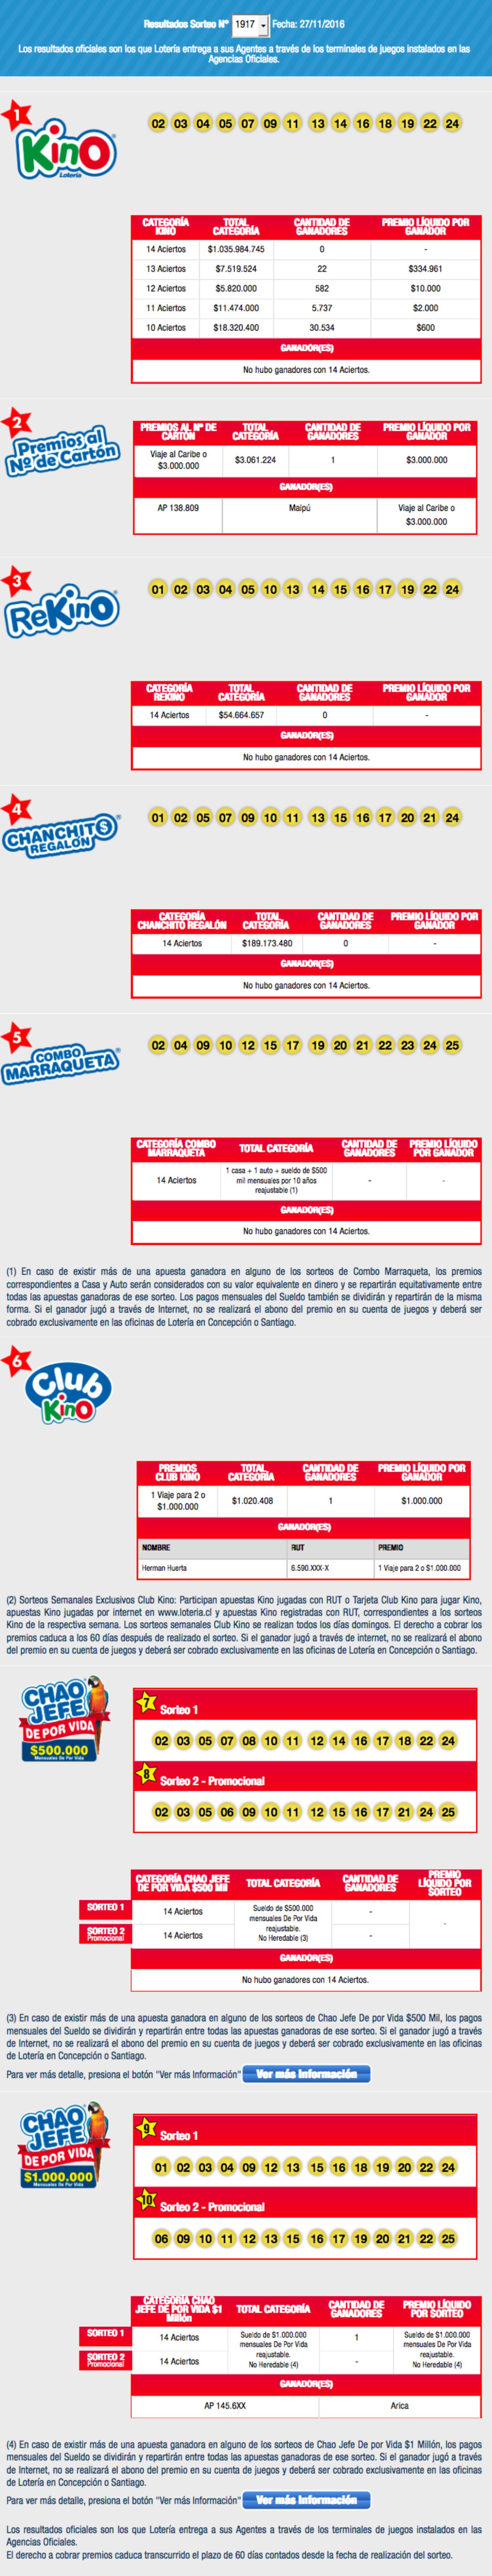 resultados-kino-chile-sorteo-17